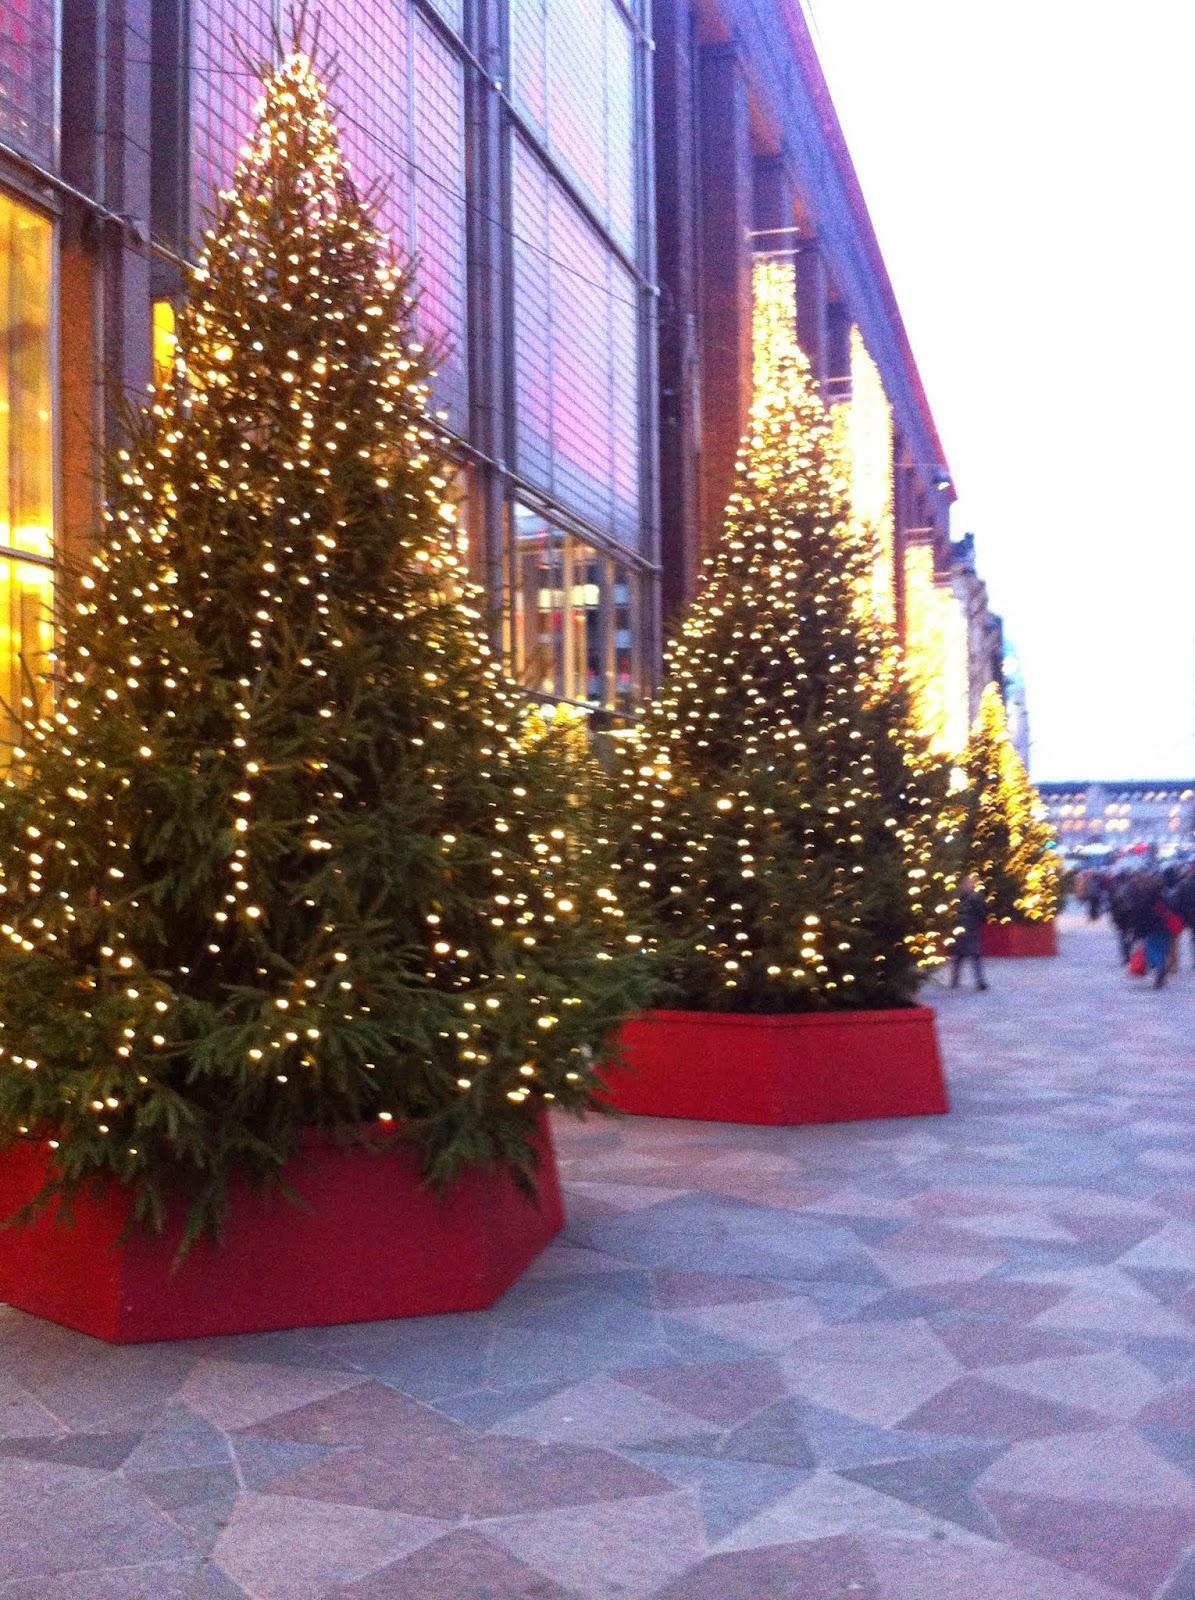 helsinki joulu valot stockmann joulukuusi valo